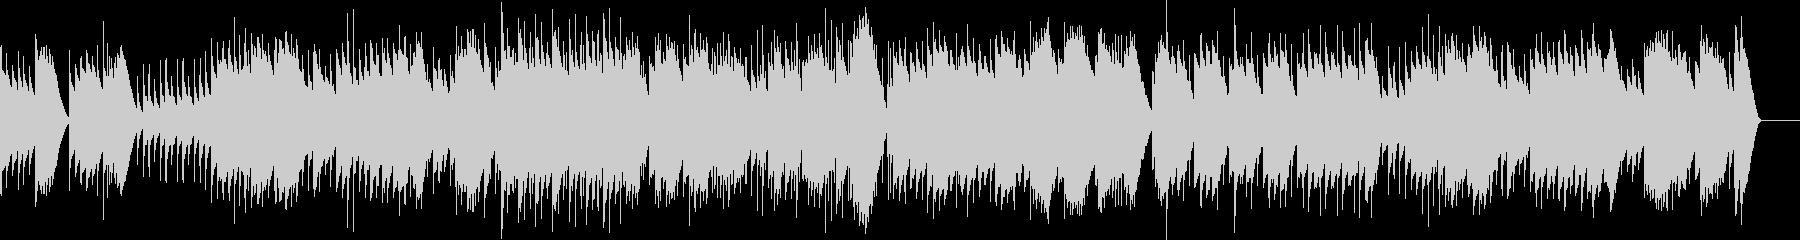 カルメン セギディーリャ(オルゴール)の未再生の波形